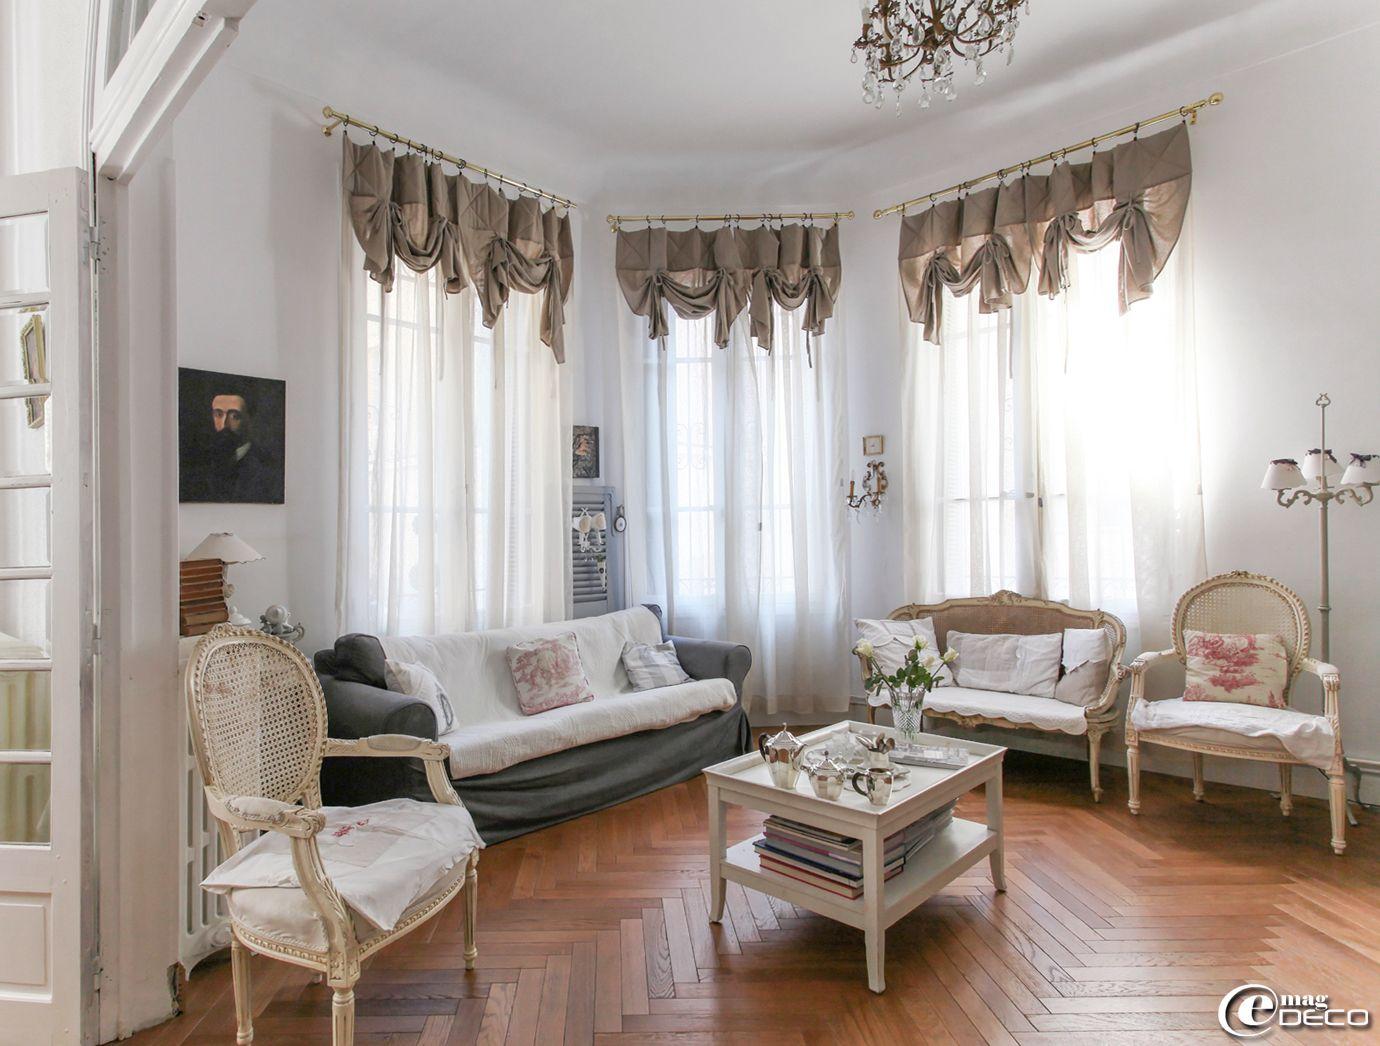 pour donner un c t th tral trois grandes fen tres dans un salon des rideaux en lin. Black Bedroom Furniture Sets. Home Design Ideas